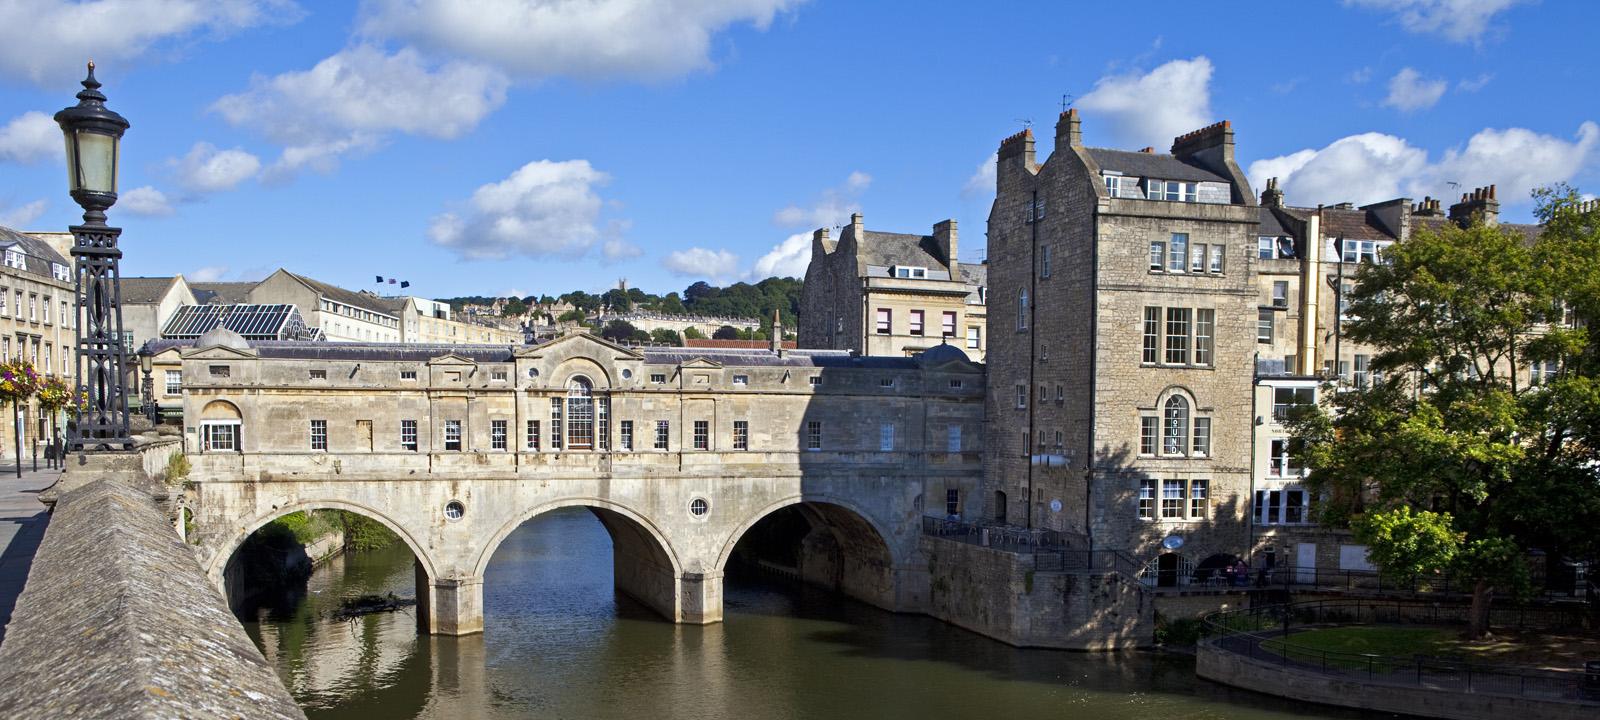 Pulteney Bridge and Weir in Bath